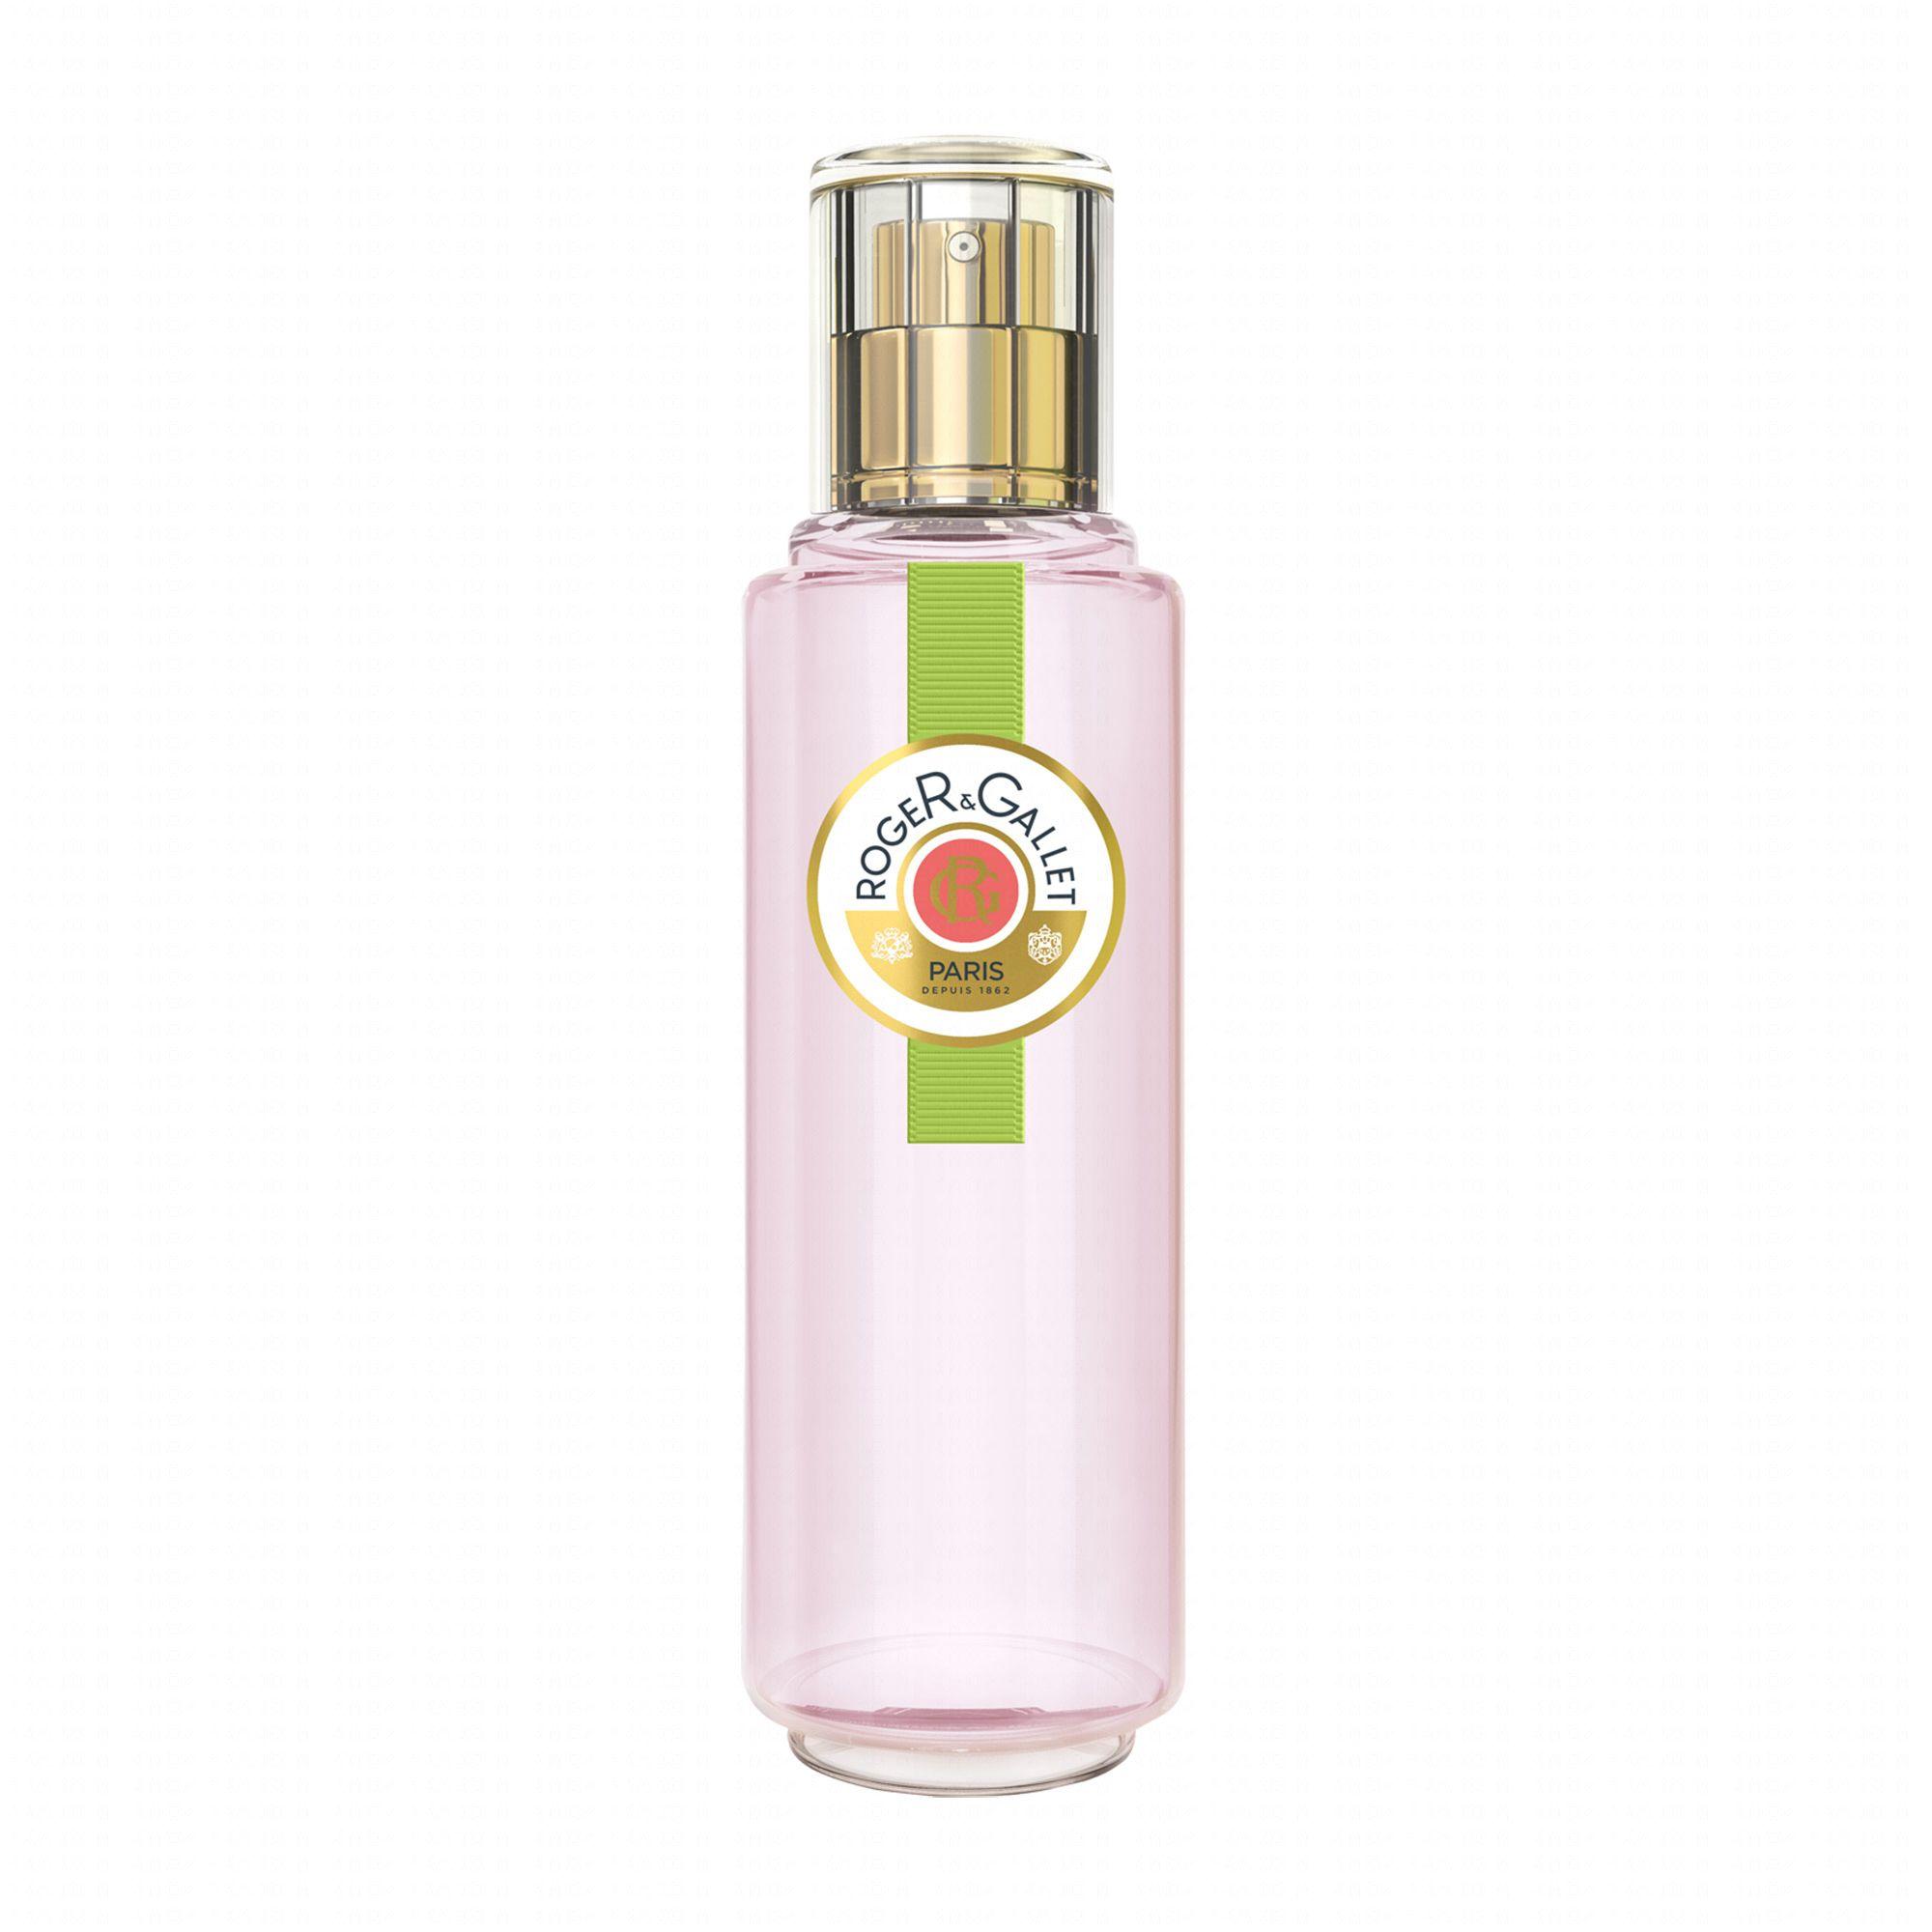 ROGER & GALLET Fleur de Figuier Eau Fraîche Parfumée flacon 30ml